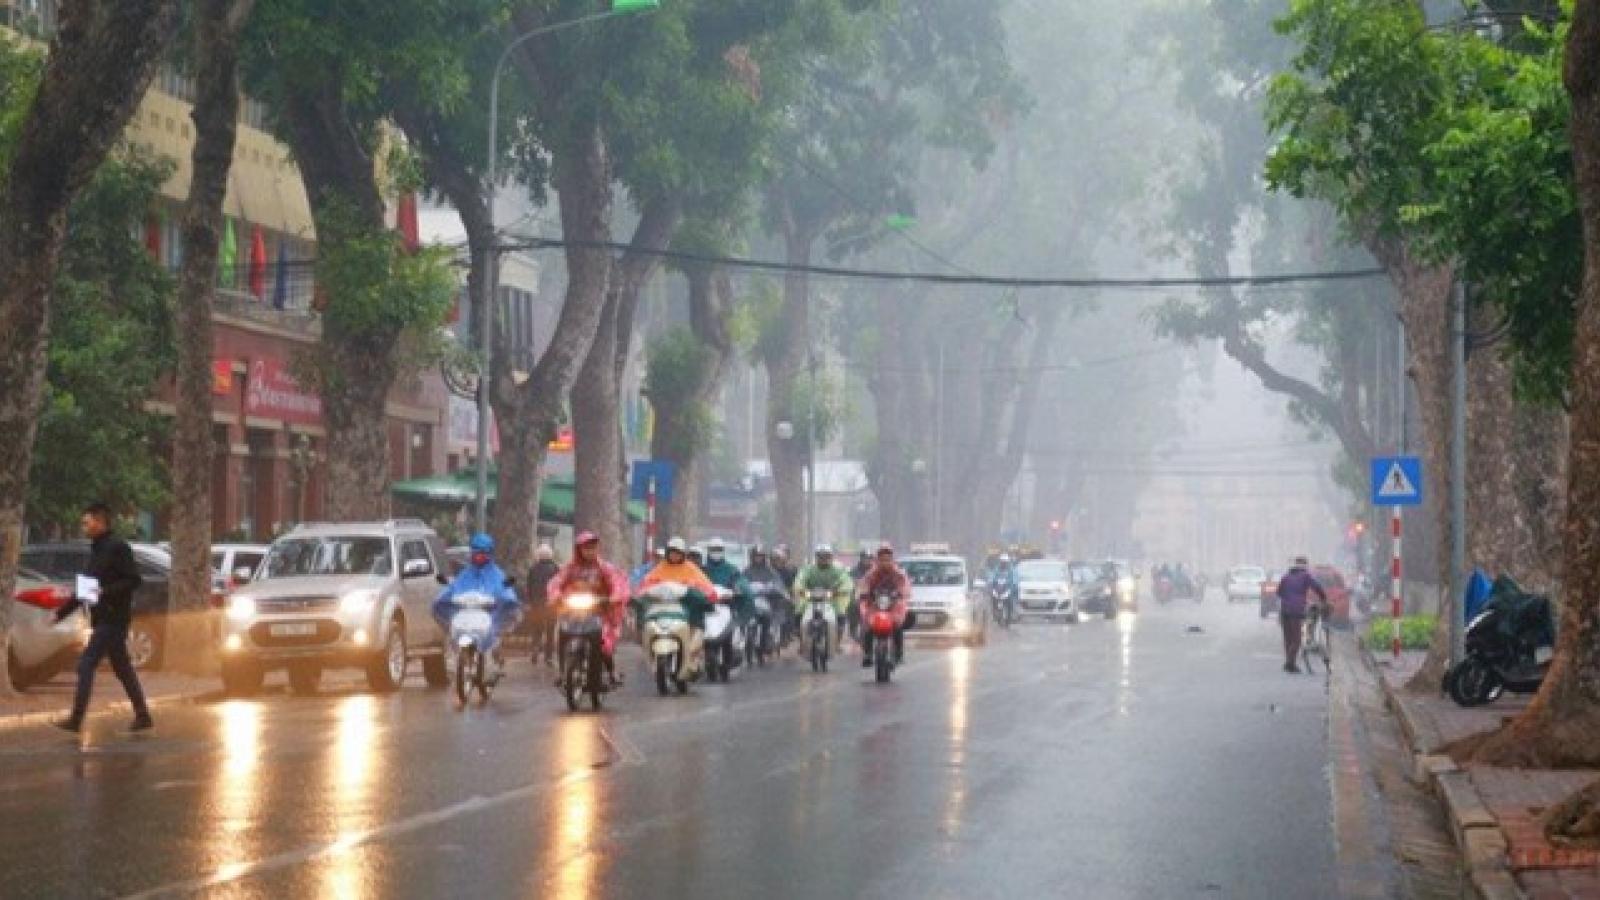 Thời tiết hôm nay (30/7): Mưa giông khắp Bắc bộ, miền Trung nắng nóng giảm nhiệt